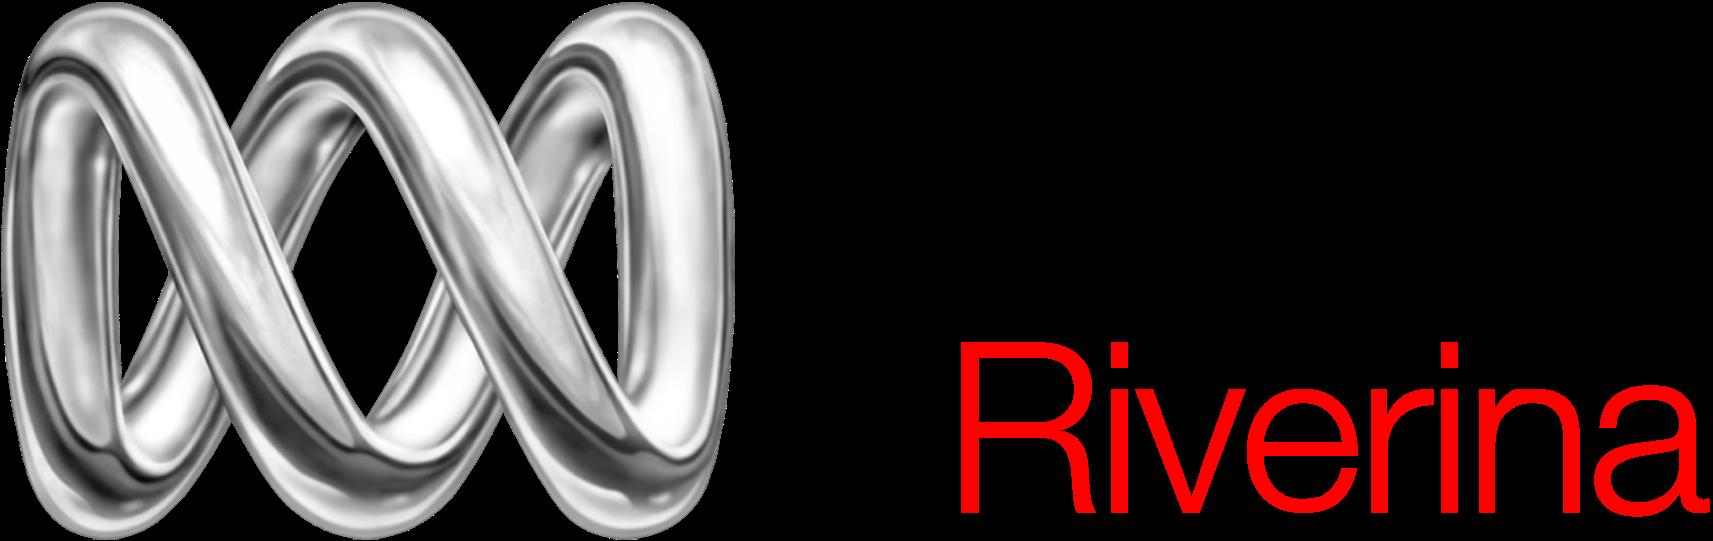 ABC Riverina